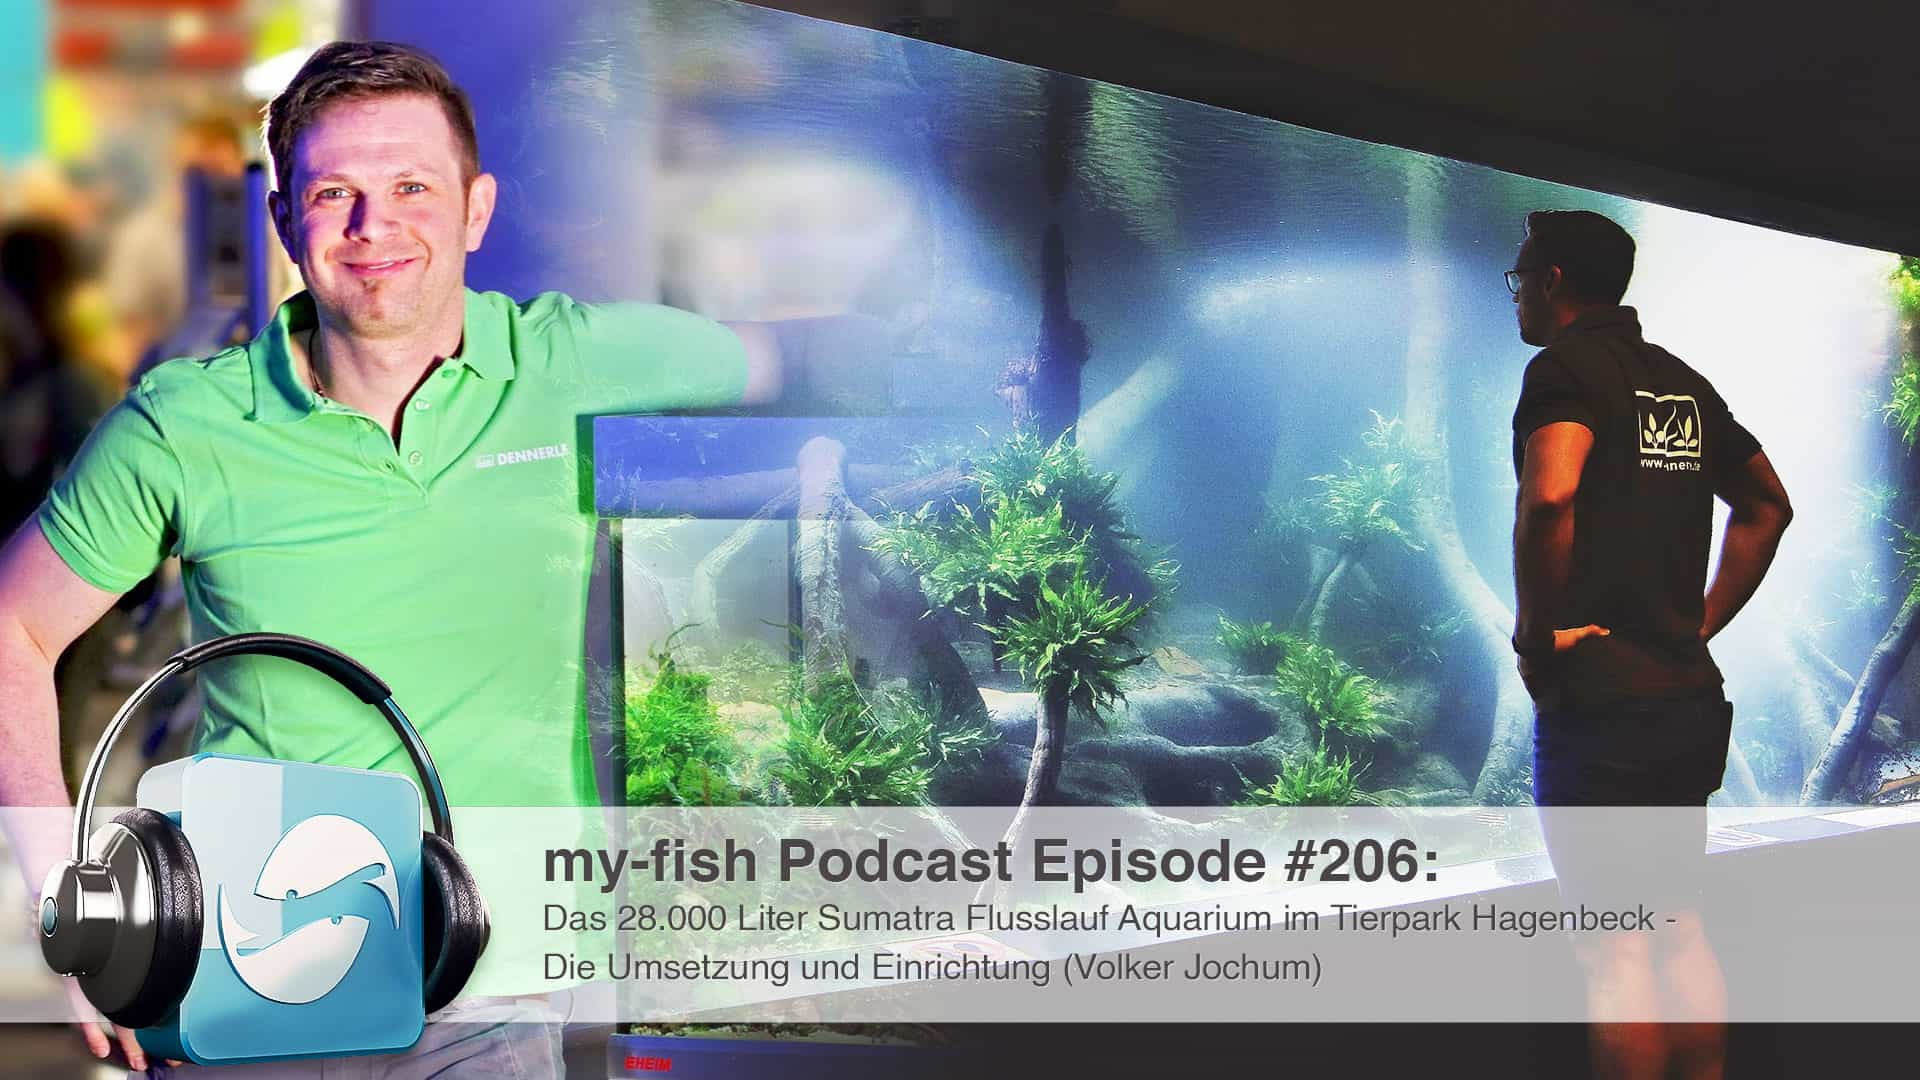 206 - Das 28.000 Liter Sumatra Flusslauf Aquarium im Tierpark Hagenbeck - Die Umsetzung und Einrichtung (Volker Jochum) 1